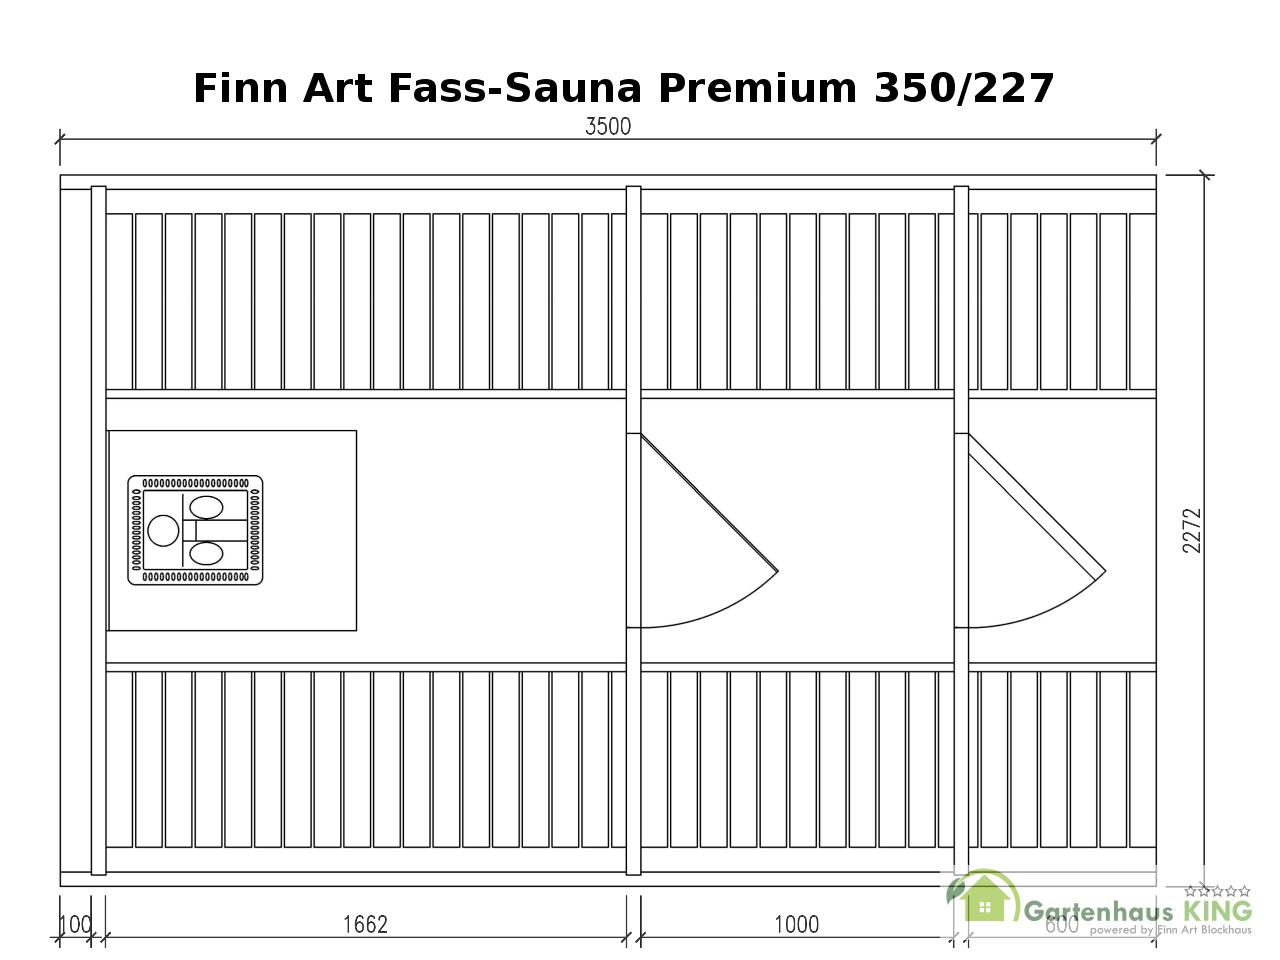 finn art fass sauna premium 350 thermoholz montiert 227 gartensauna aussensauna ebay. Black Bedroom Furniture Sets. Home Design Ideas